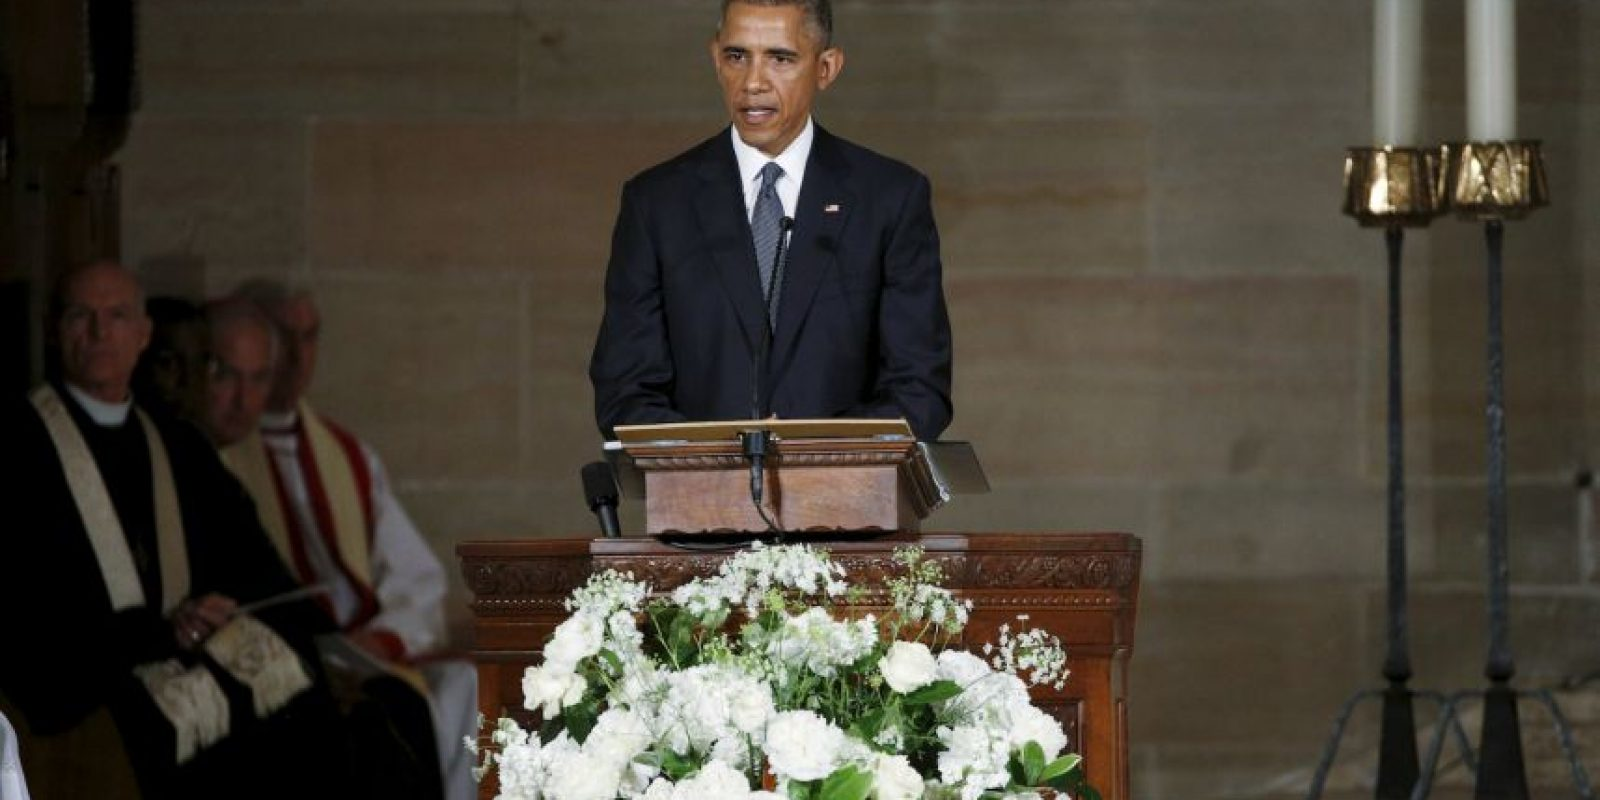 El presidente Barack Obama homenajeó al hijo del vicepresidente Joe Biden. Foto:AFP